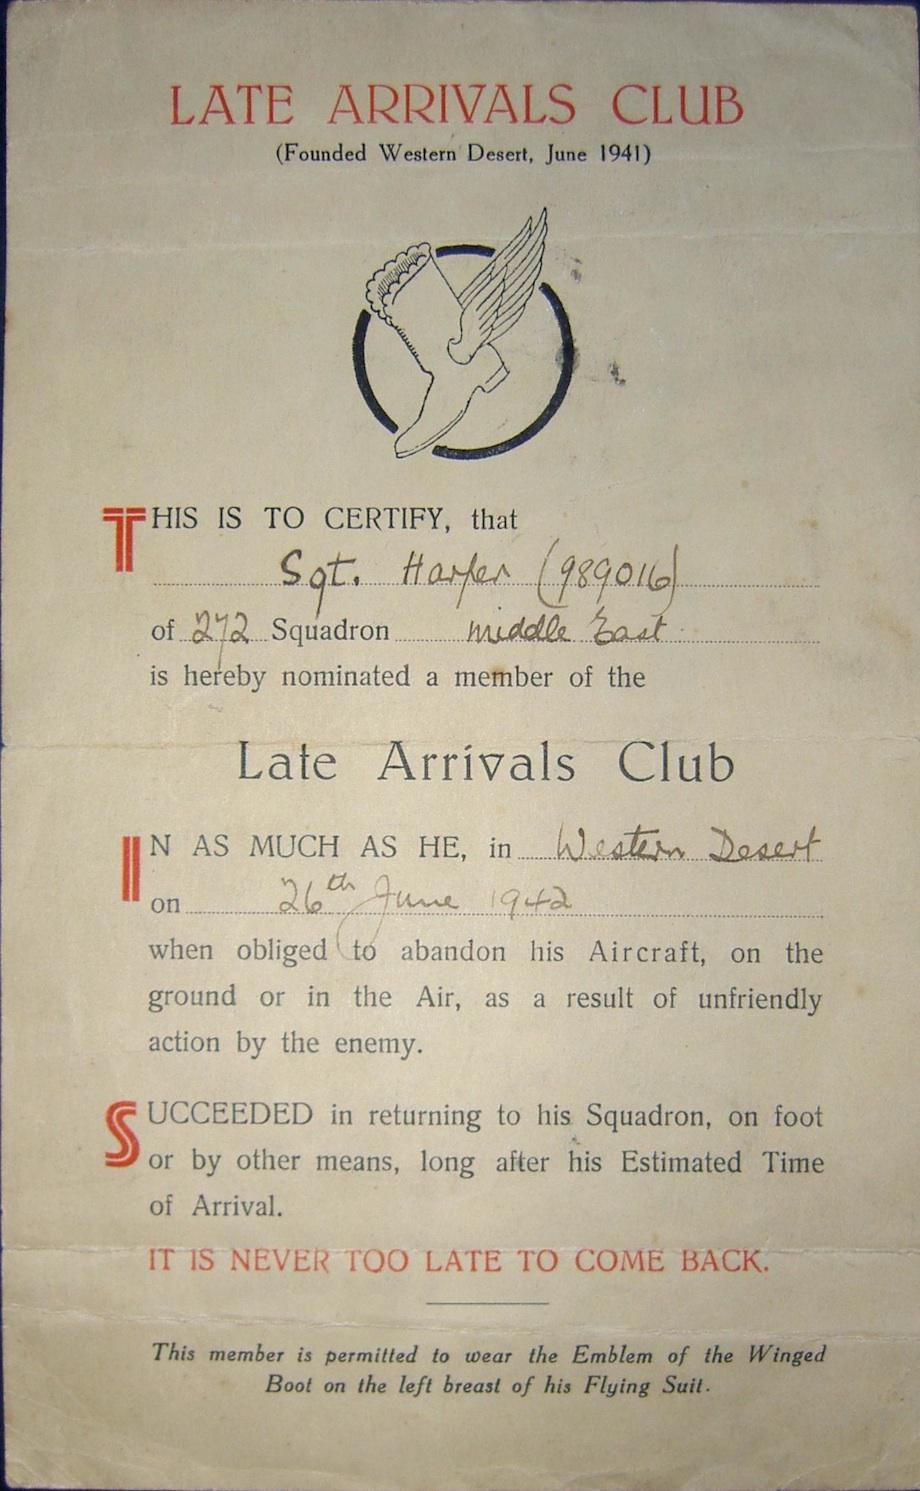 Late Arrivals Club certificate